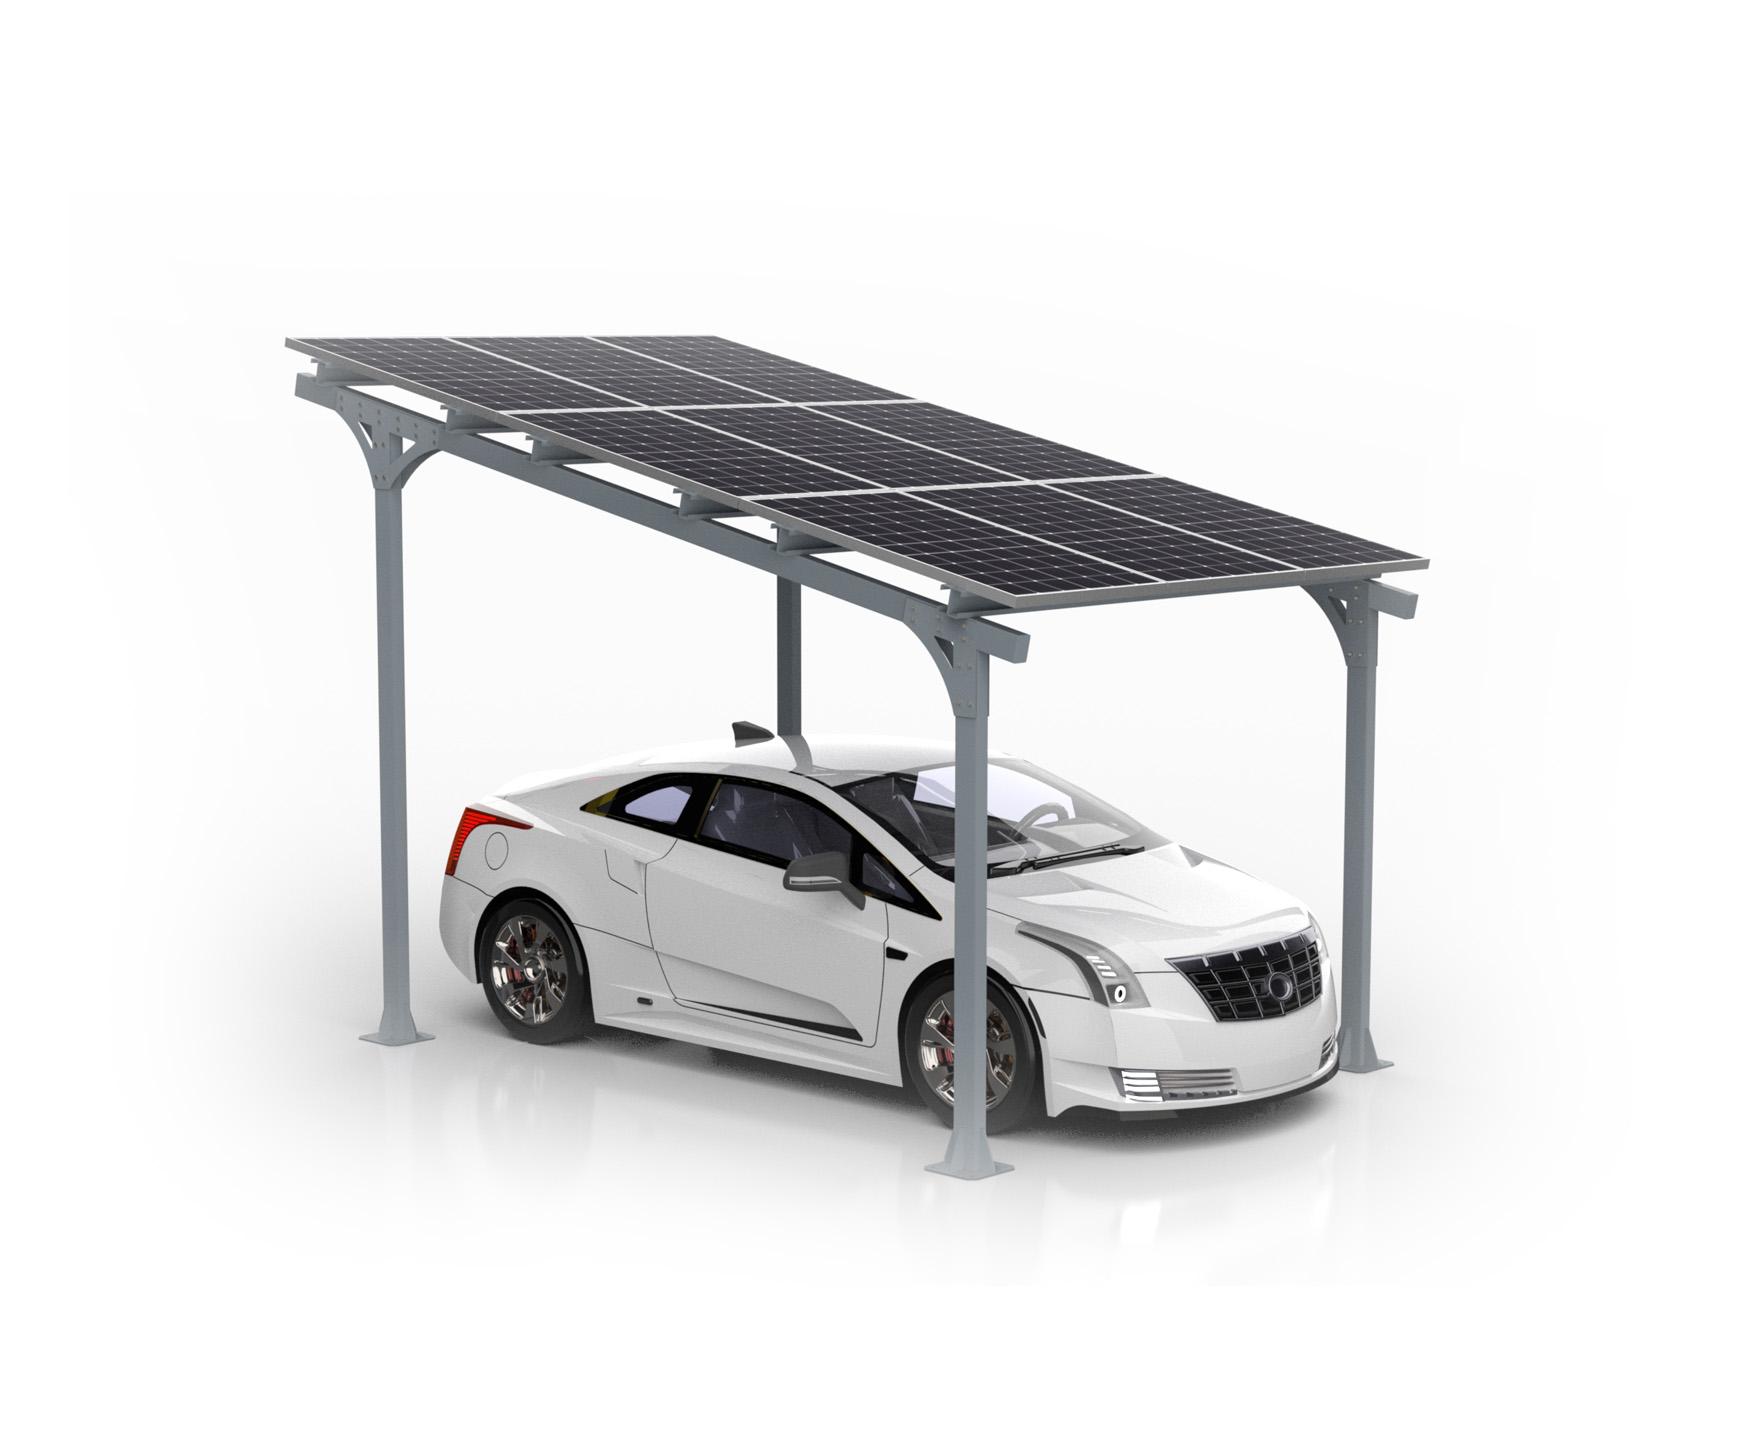 solarny-e-carport-smart-city